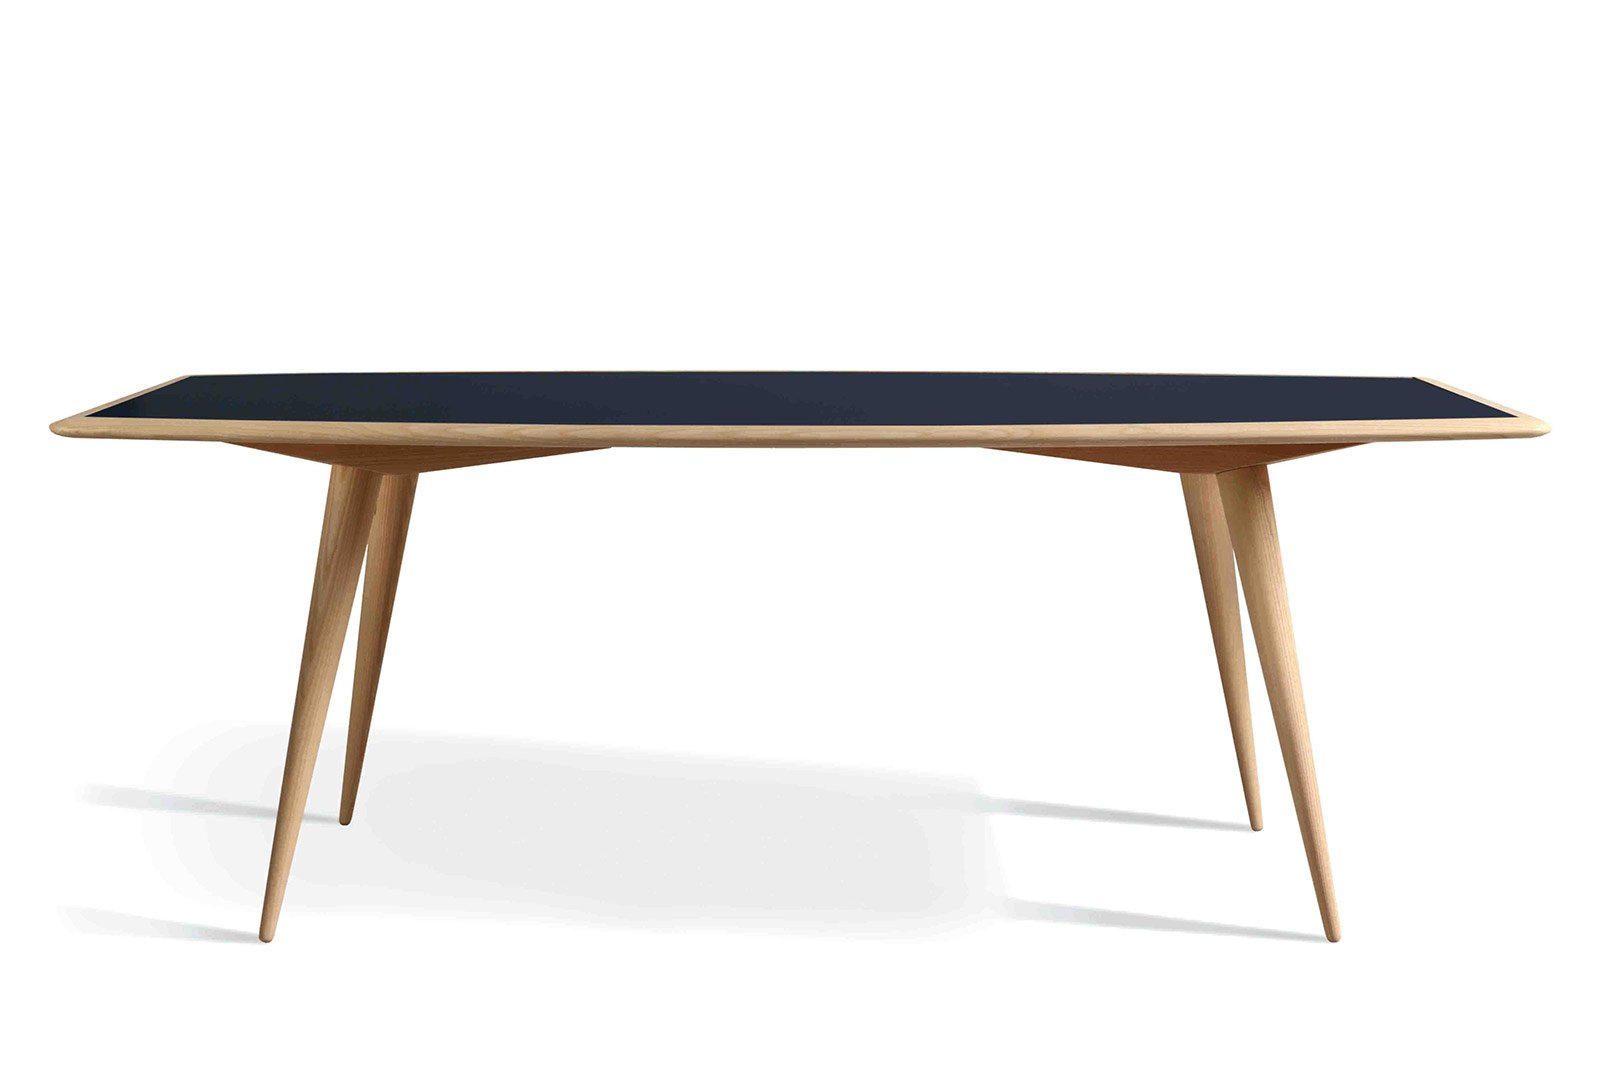 Tavolo in legno vintage moderno tradizionale  Cose di Casa